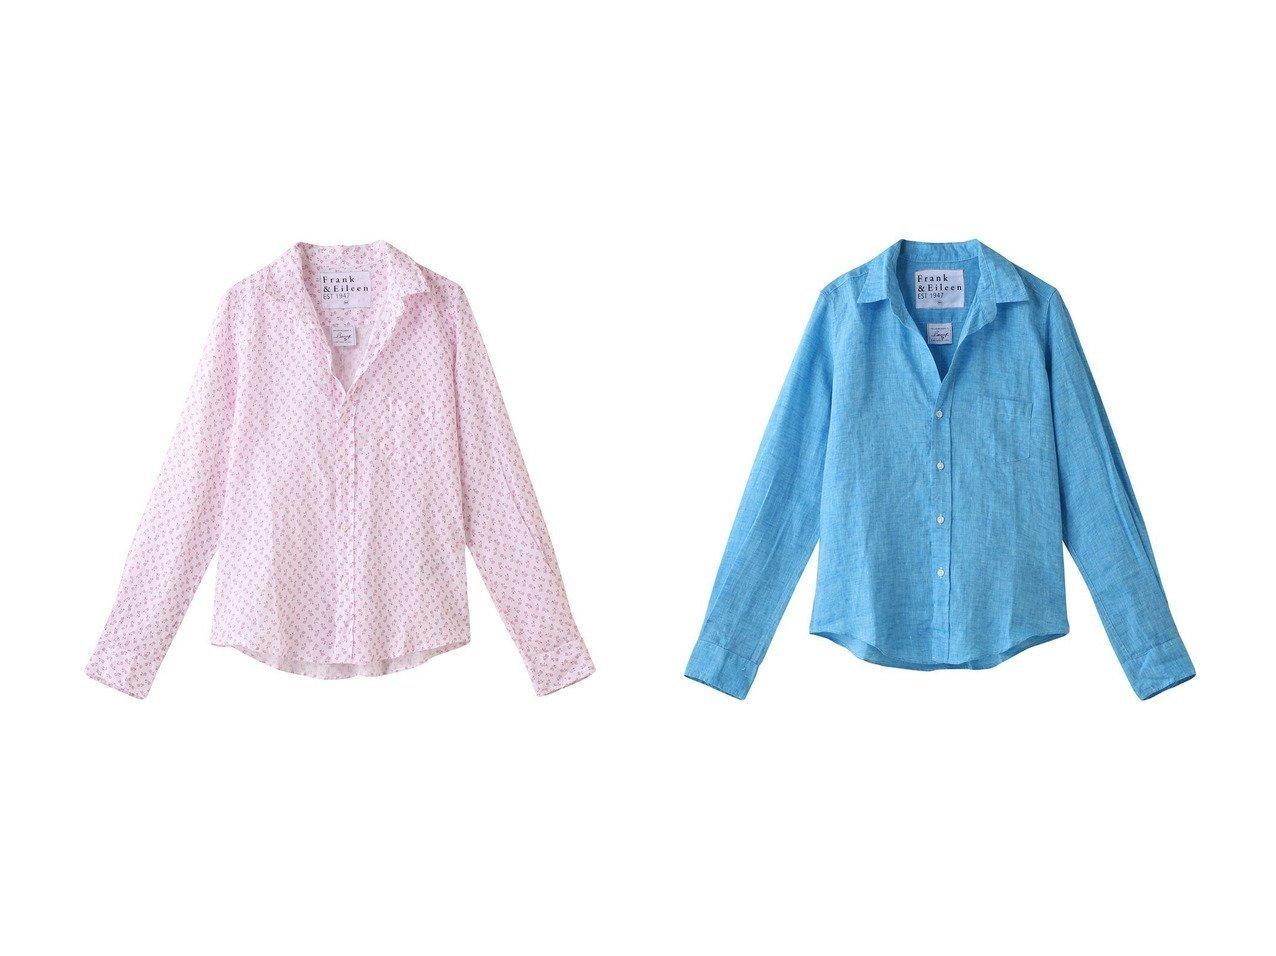 【Frank&Eileen/フランク&アイリーン】のBARRY イタリアンリネン パイナップルプリントシャツ&BARRY イタリアンリネン ブルーシャツ トップス・カットソーのおすすめ!人気、トレンド・レディースファッションの通販 おすすめで人気の流行・トレンド、ファッションの通販商品 メンズファッション・キッズファッション・インテリア・家具・レディースファッション・服の通販 founy(ファニー) https://founy.com/ ファッション Fashion レディースファッション WOMEN トップス カットソー Tops Tshirt シャツ/ブラウス Shirts Blouses 2021年 2021 2021 春夏 S/S SS Spring/Summer 2021 S/S 春夏 SS Spring/Summer スリーブ リネン ロング 春 Spring 長袖 |ID:crp329100000024830